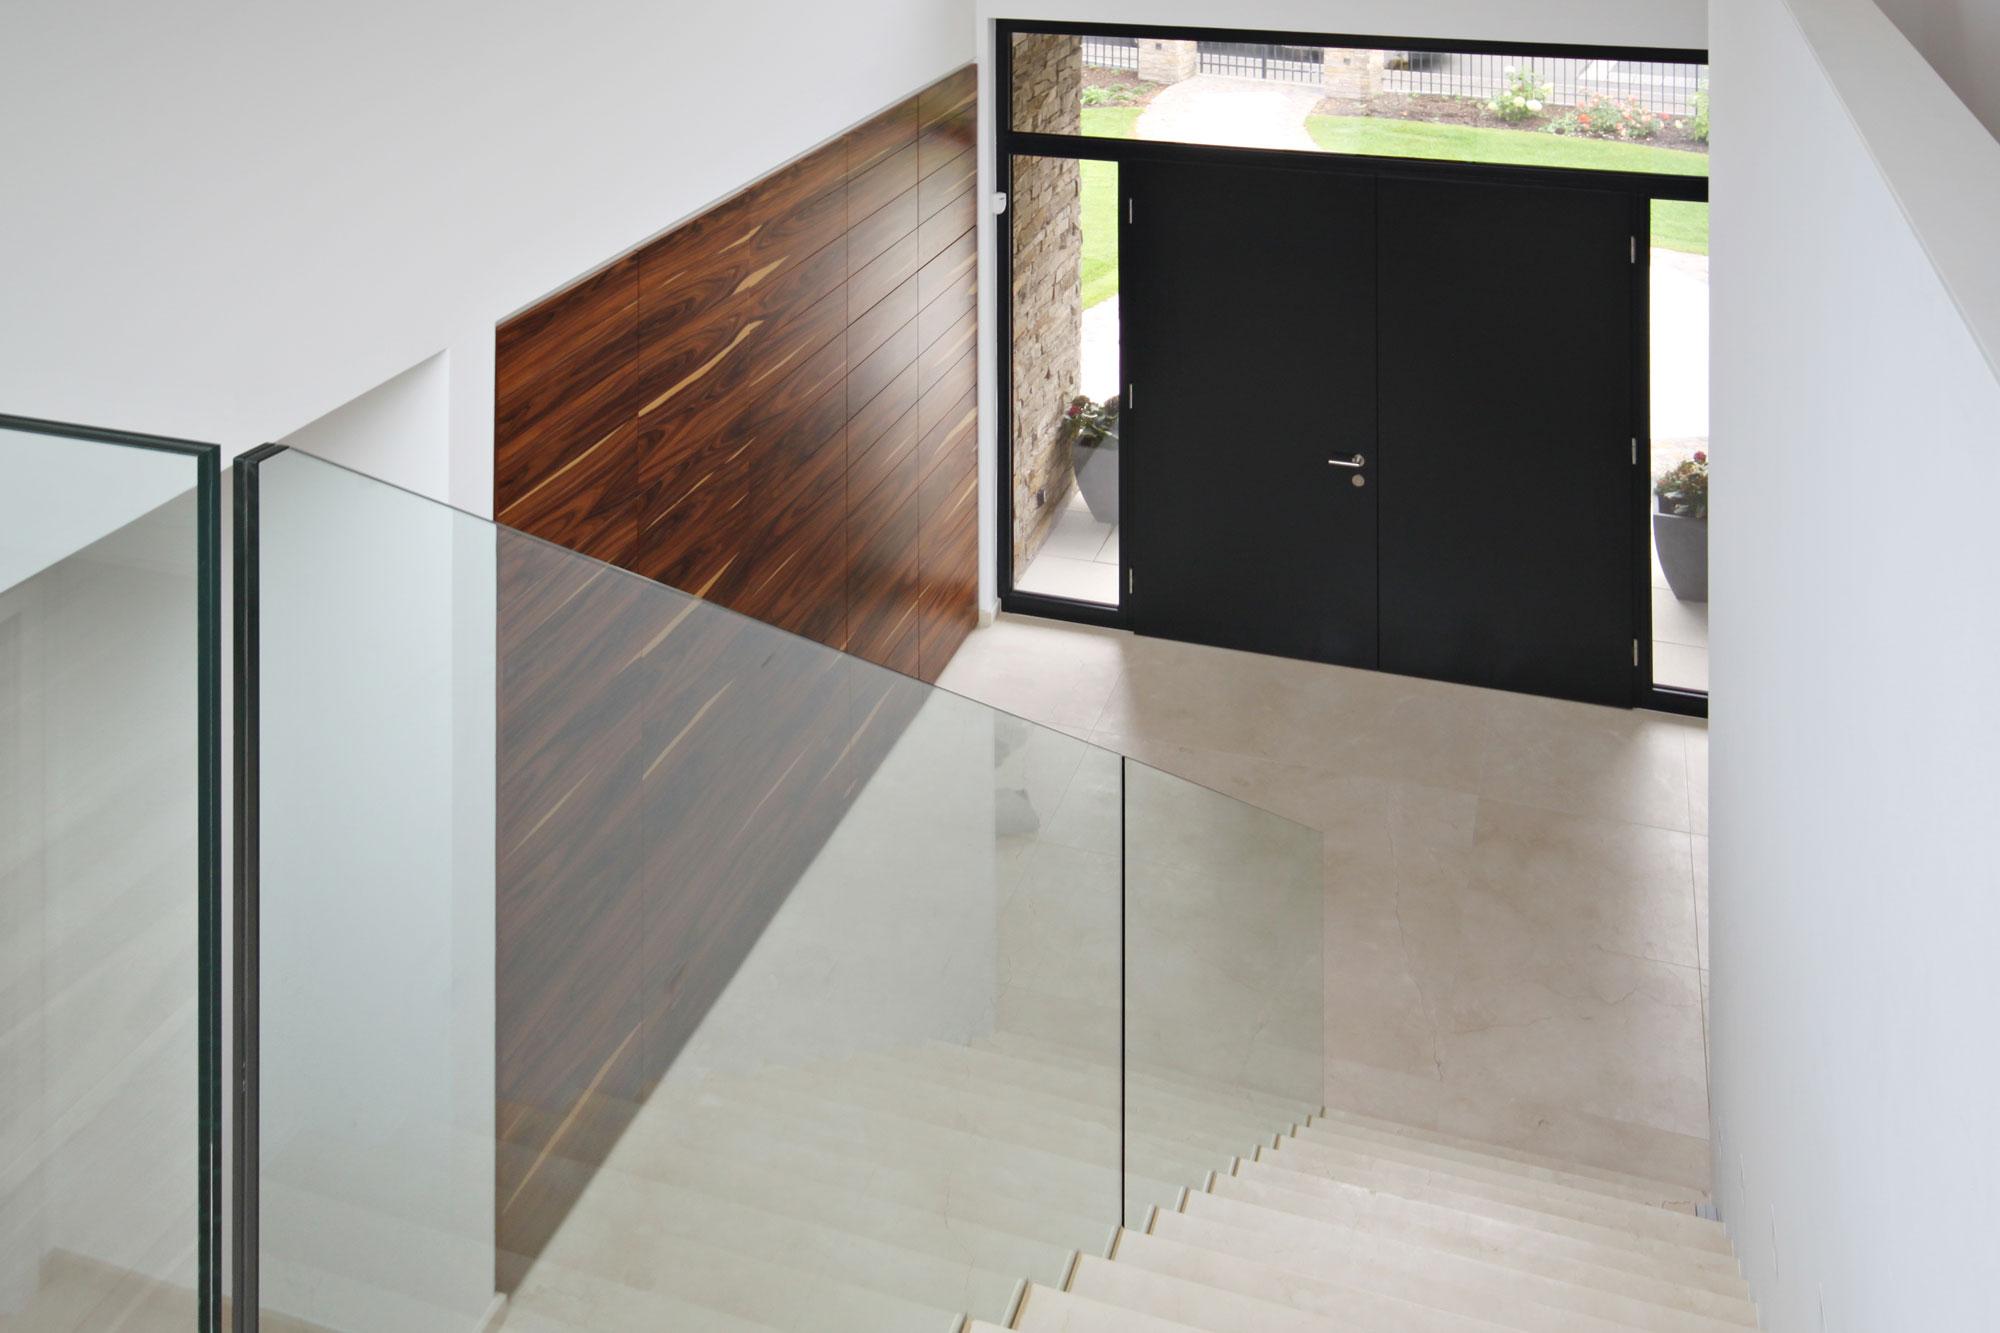 Badezimmer Planung ist perfekt design für ihr haus ideen